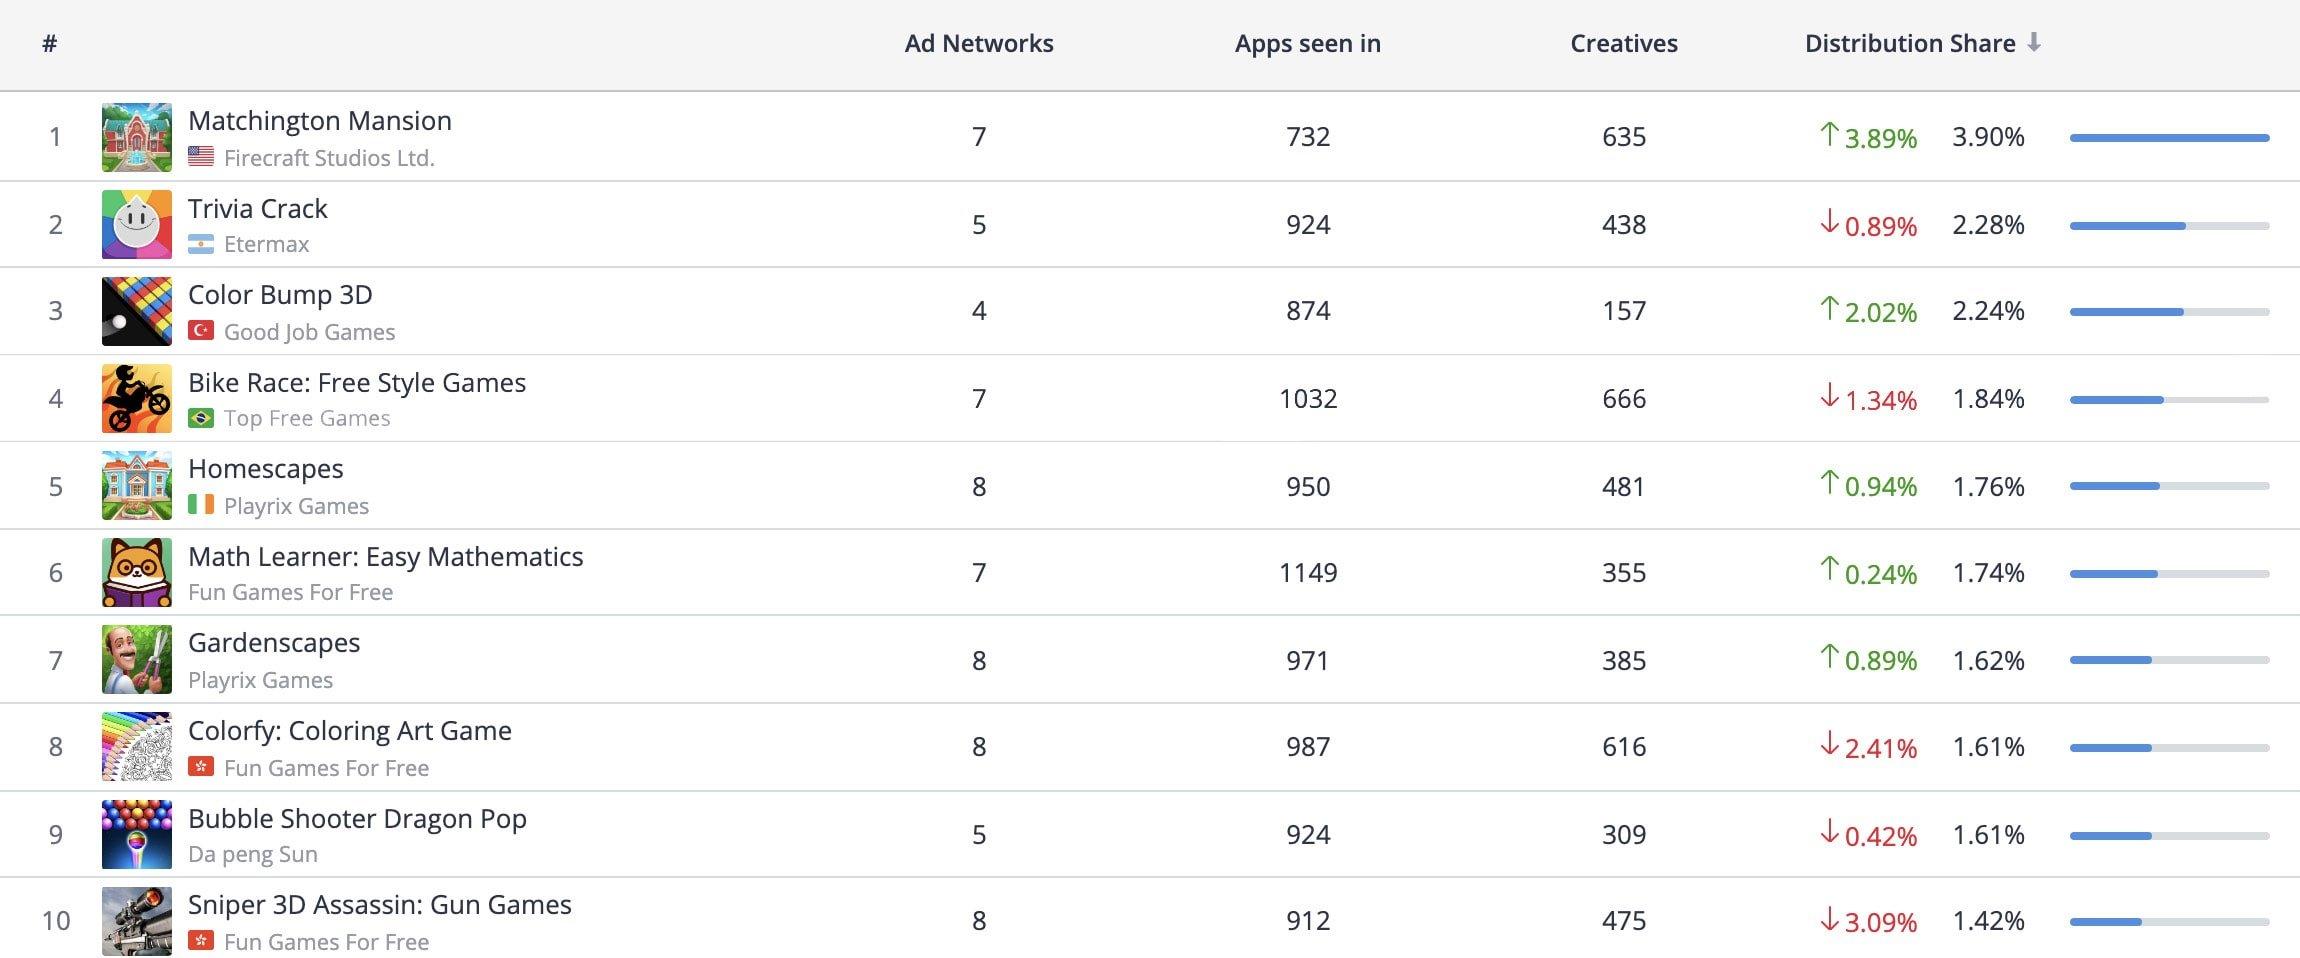 Top 10 Advertisers, iOS